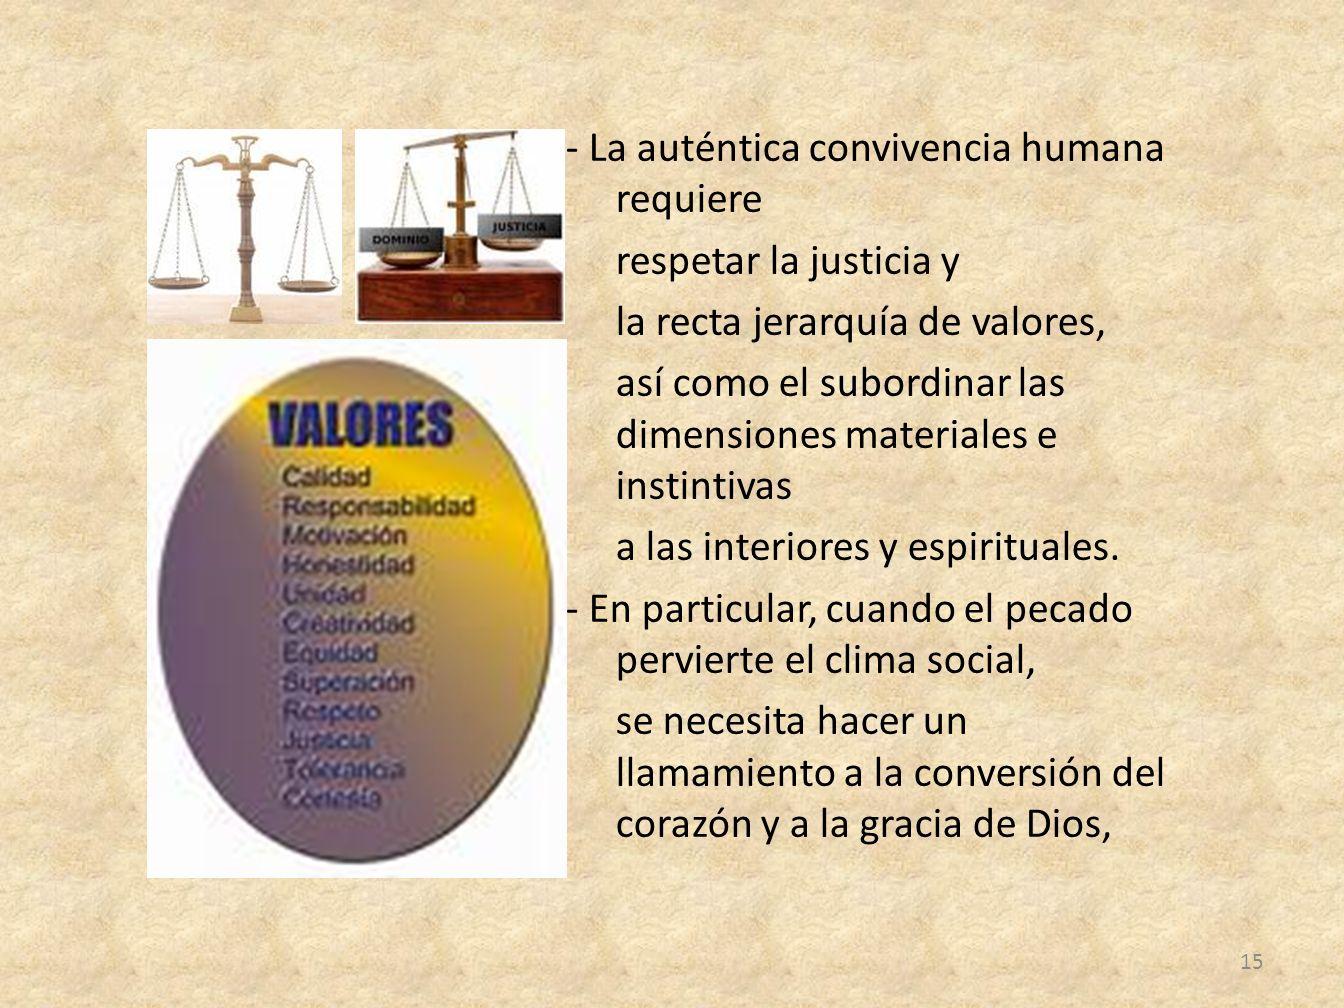 - La auténtica convivencia humana requiere respetar la justicia y la recta jerarquía de valores, así como el subordinar las dimensiones materiales e i